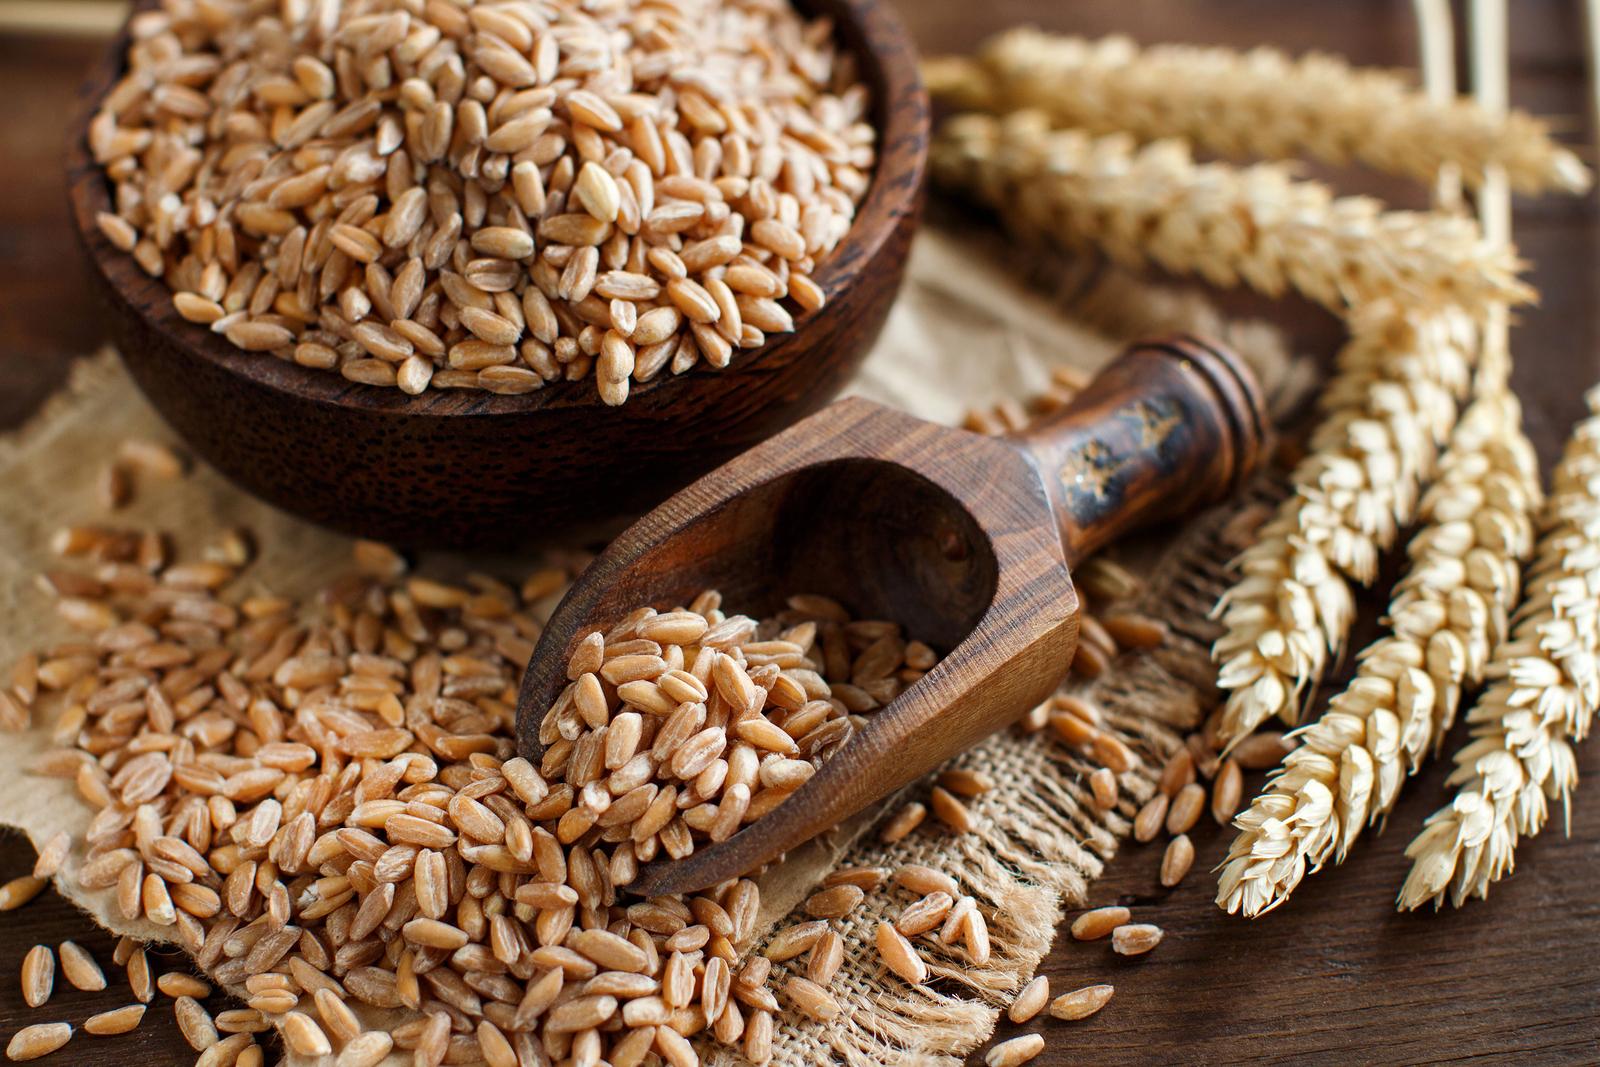 I cereali integrali: quali sono e perché sono importanti